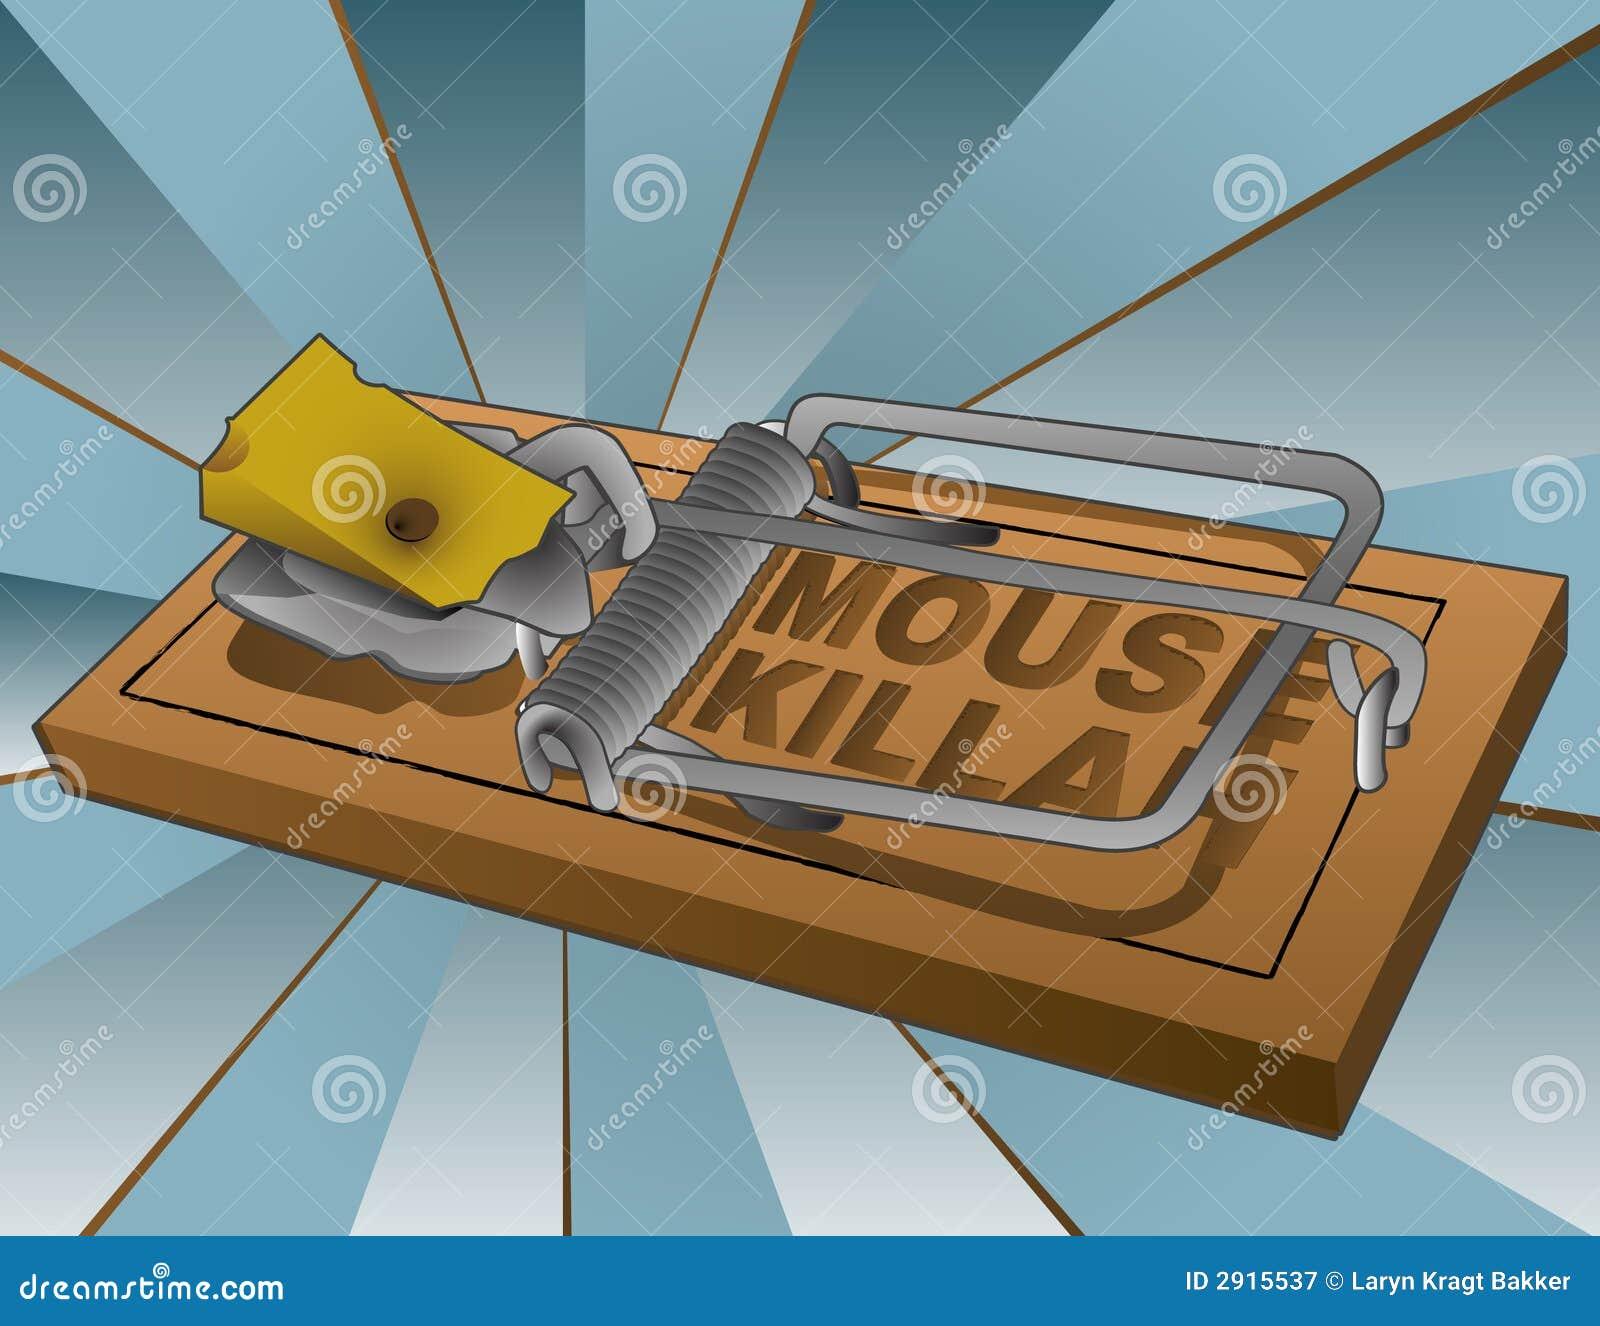 Cheese mysz killah pułapka